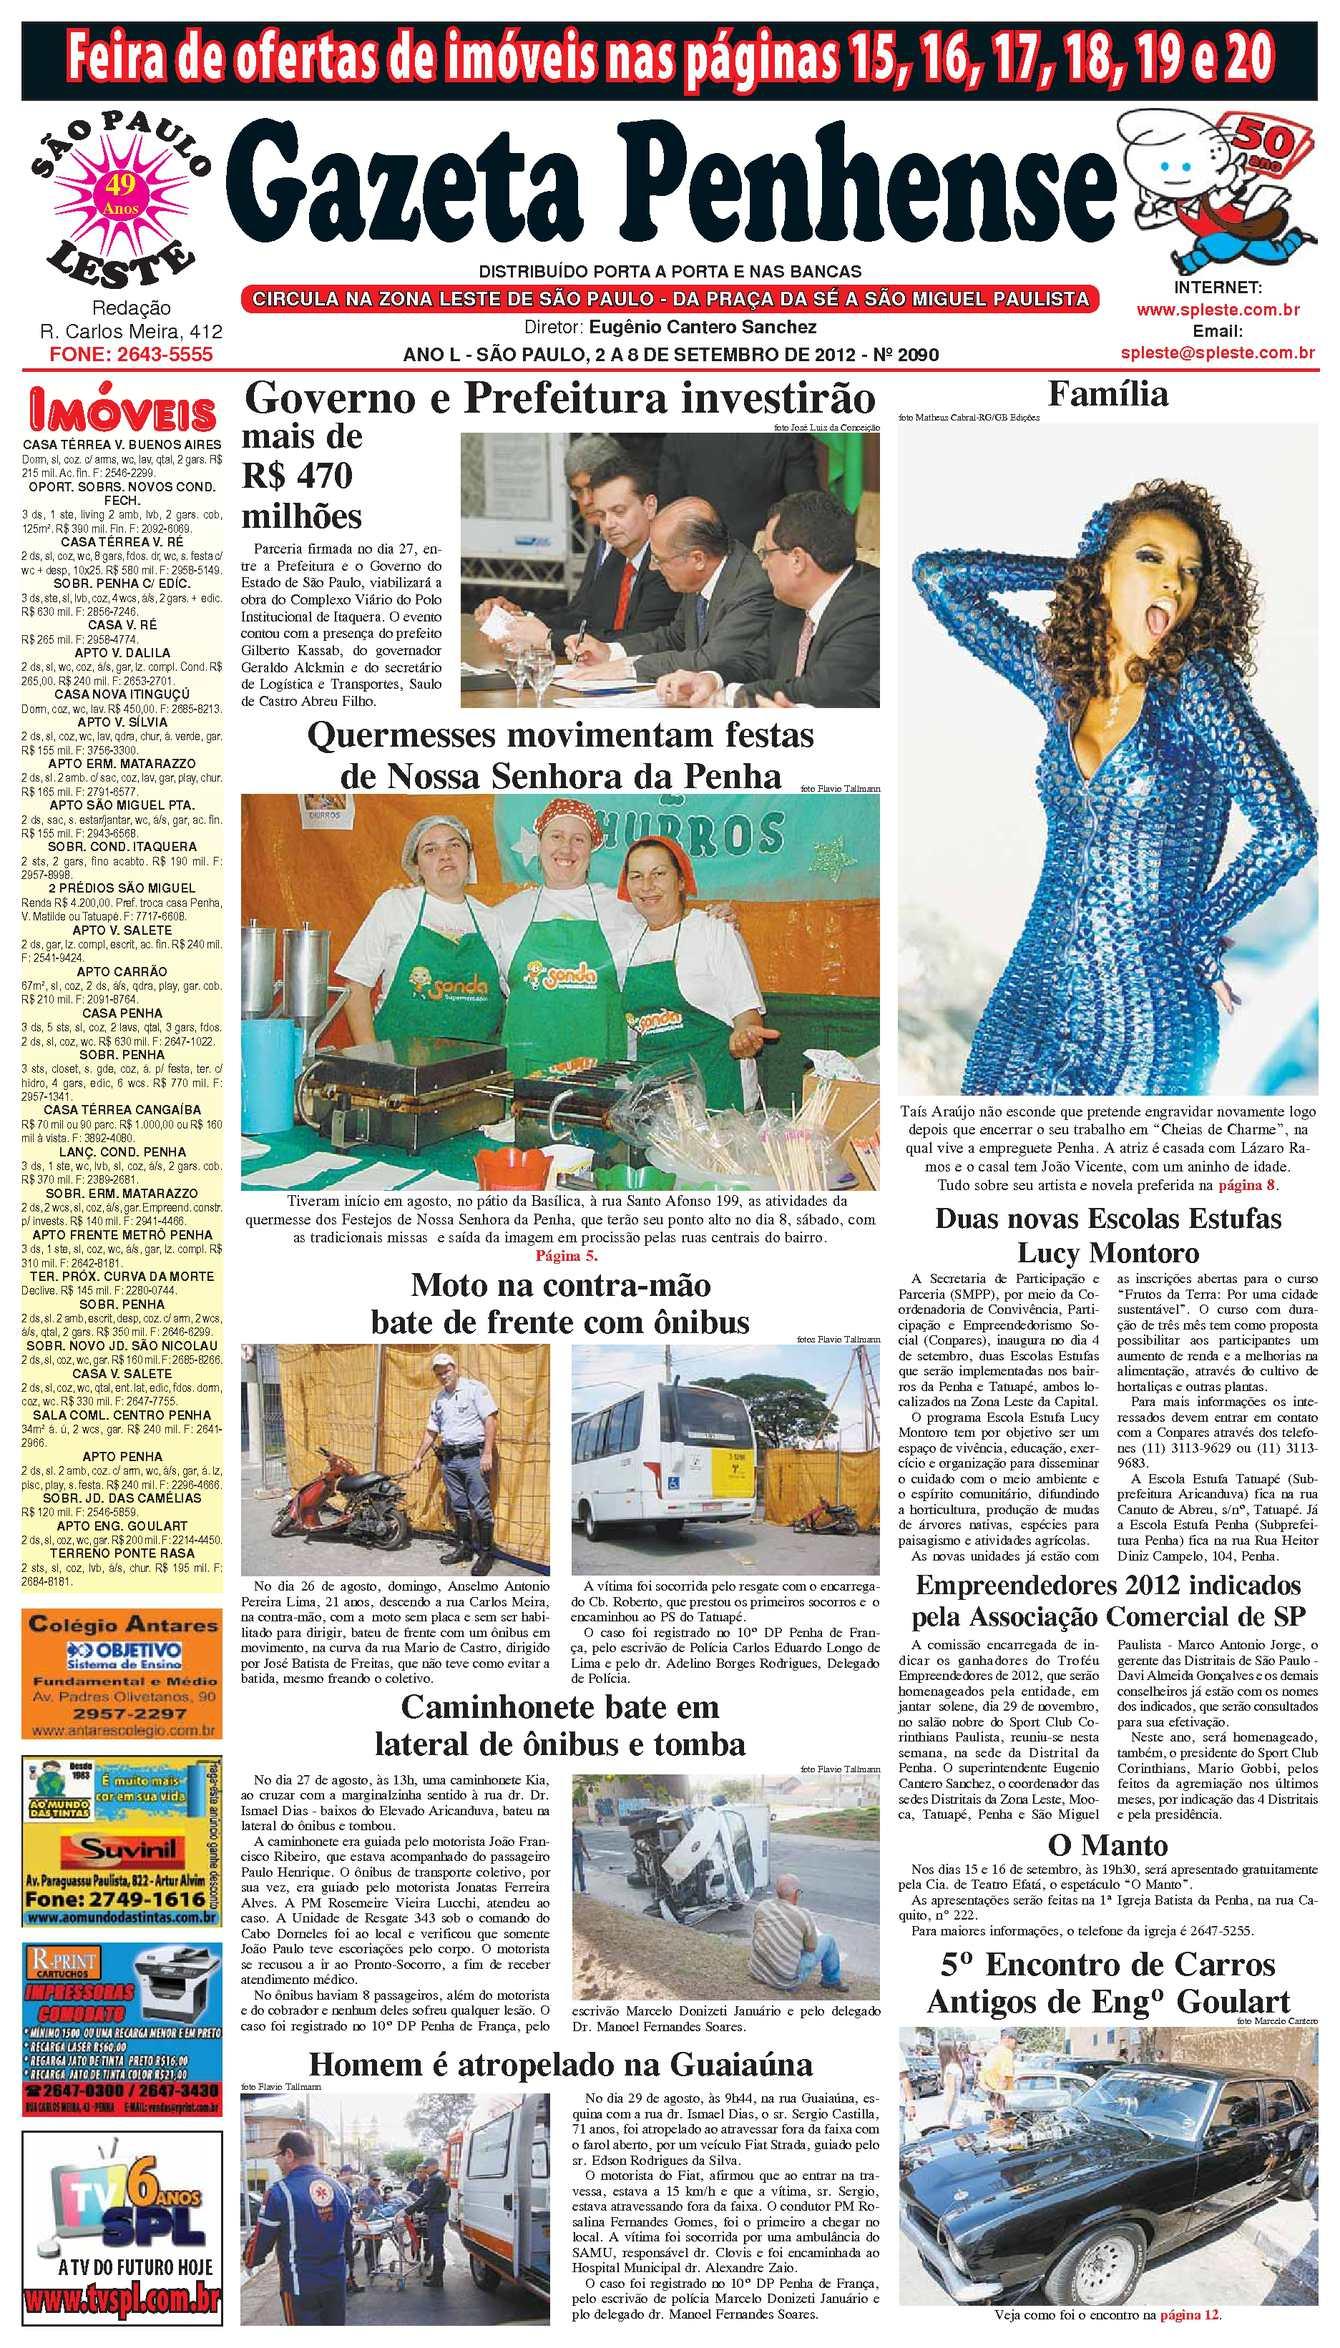 adb2913720 Calaméo - Gazeta Penhense - 2 a 8 de setembro de 2012 - edição 2090